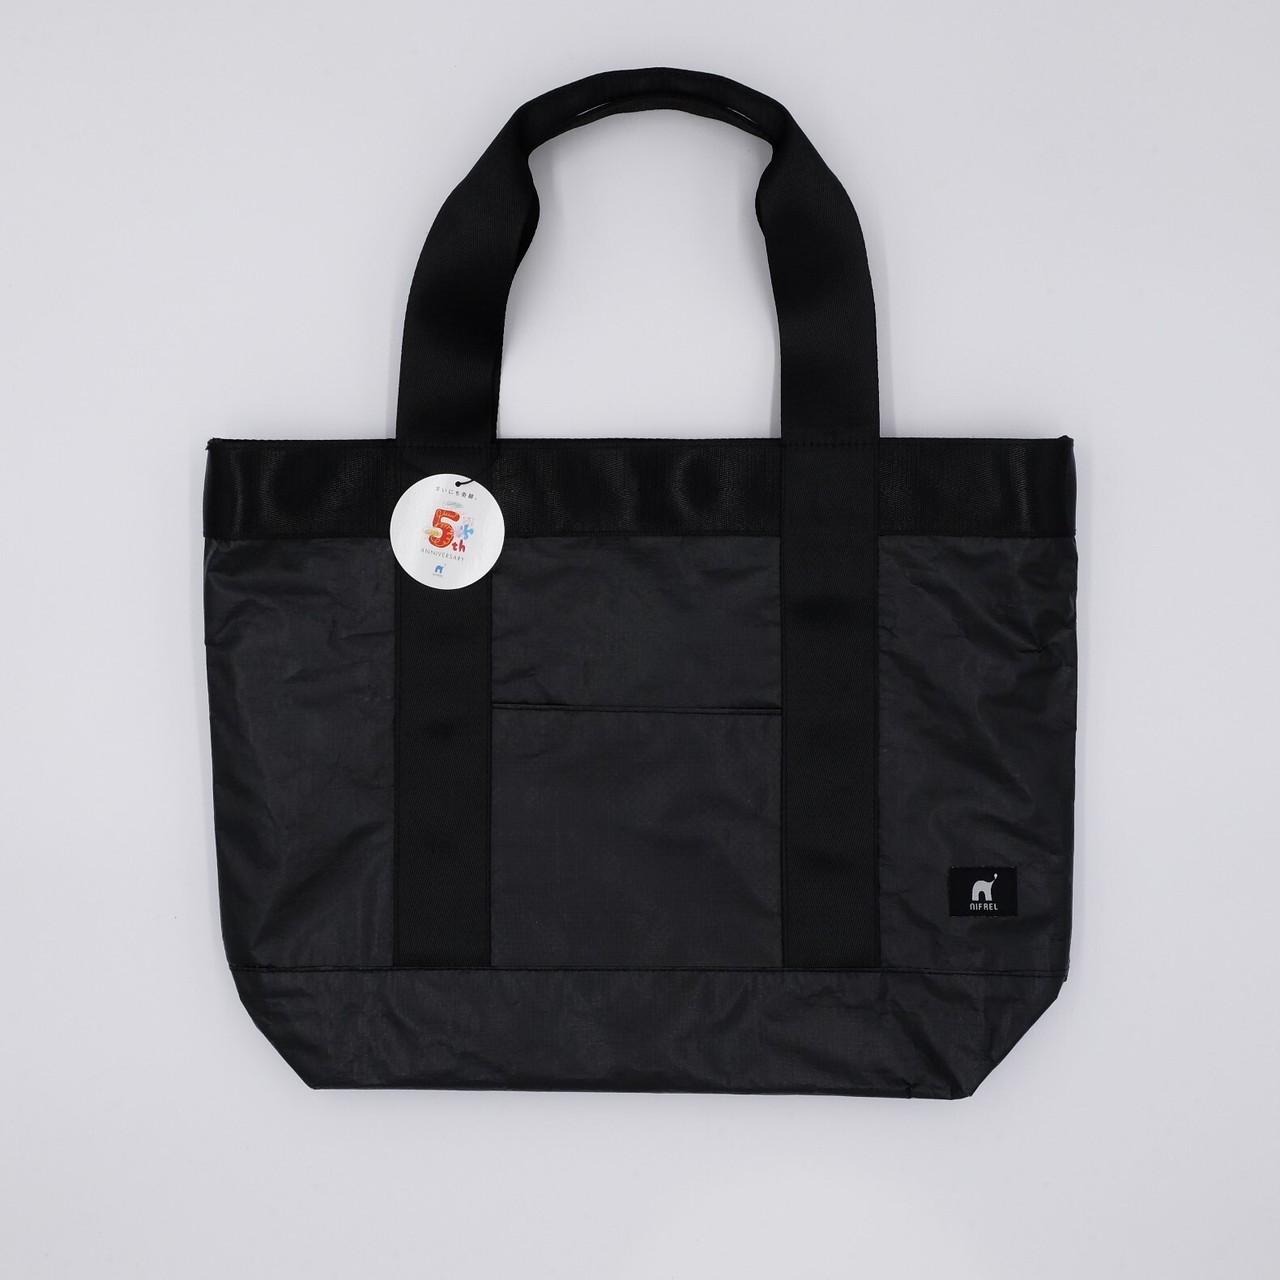 5周年オリジナル レジャーバッグ(黒)